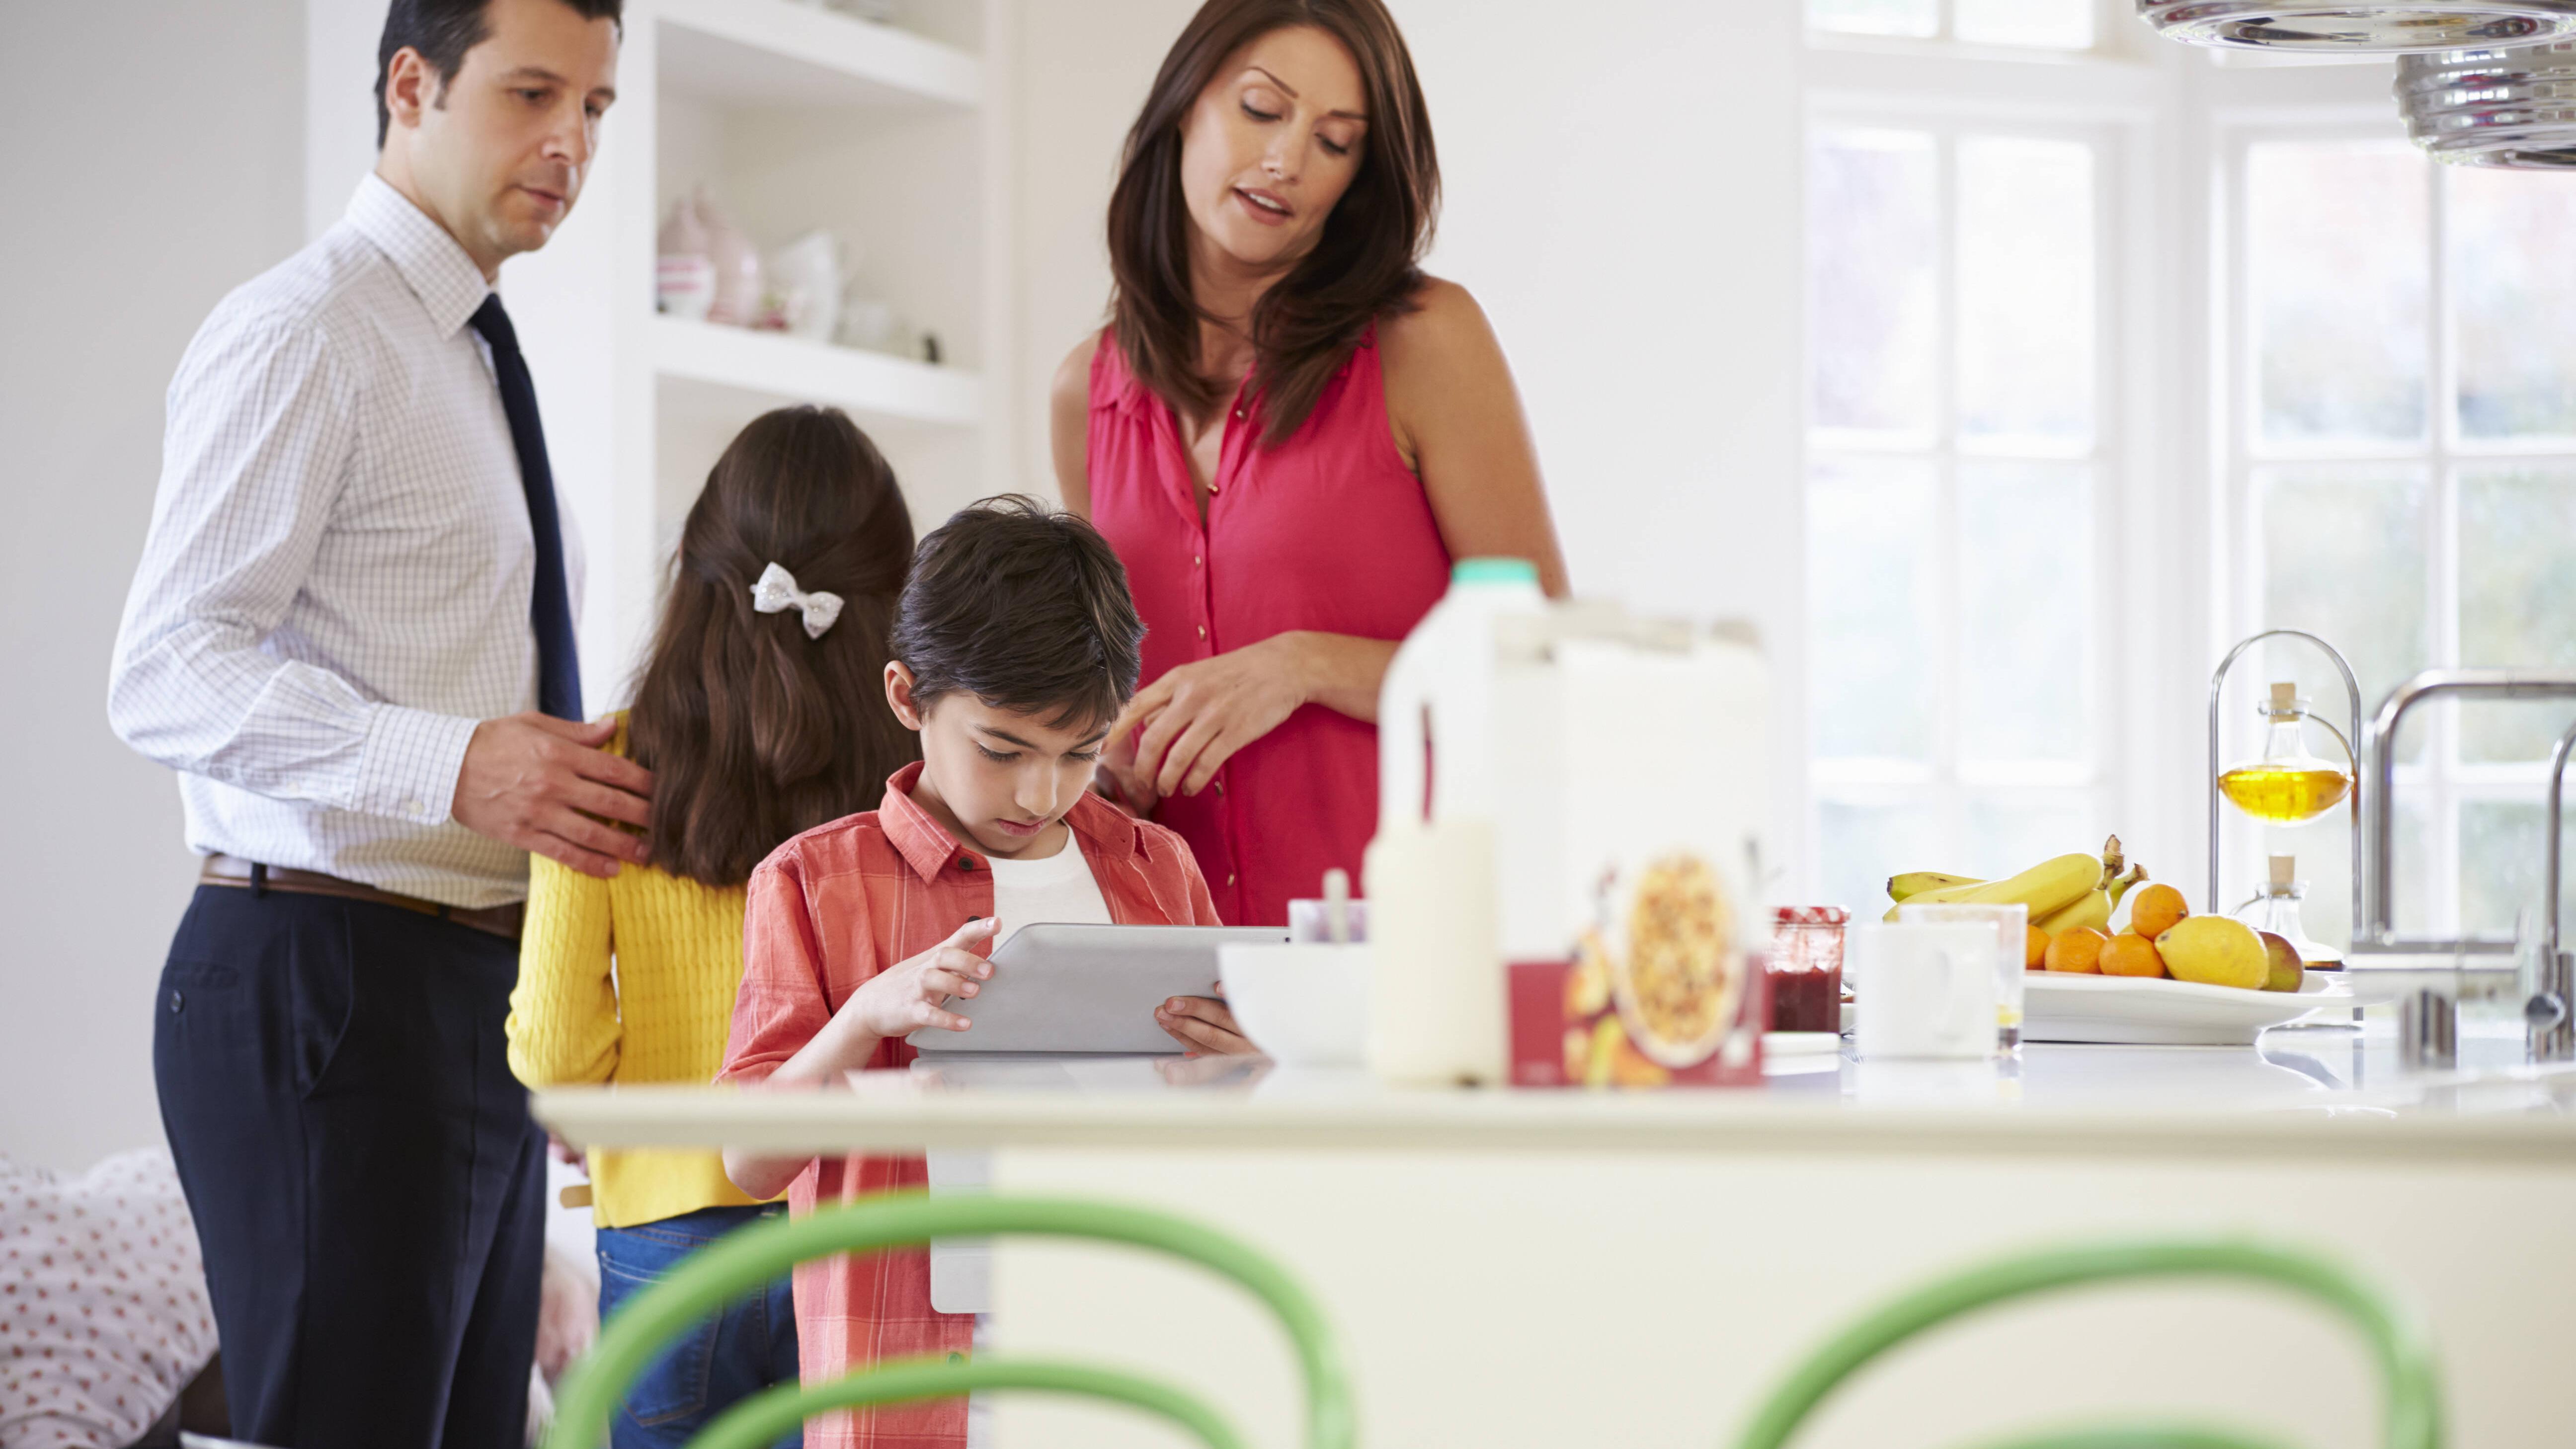 Wiedereinstieg nach Elternzeit: Das sollten Sie wissen